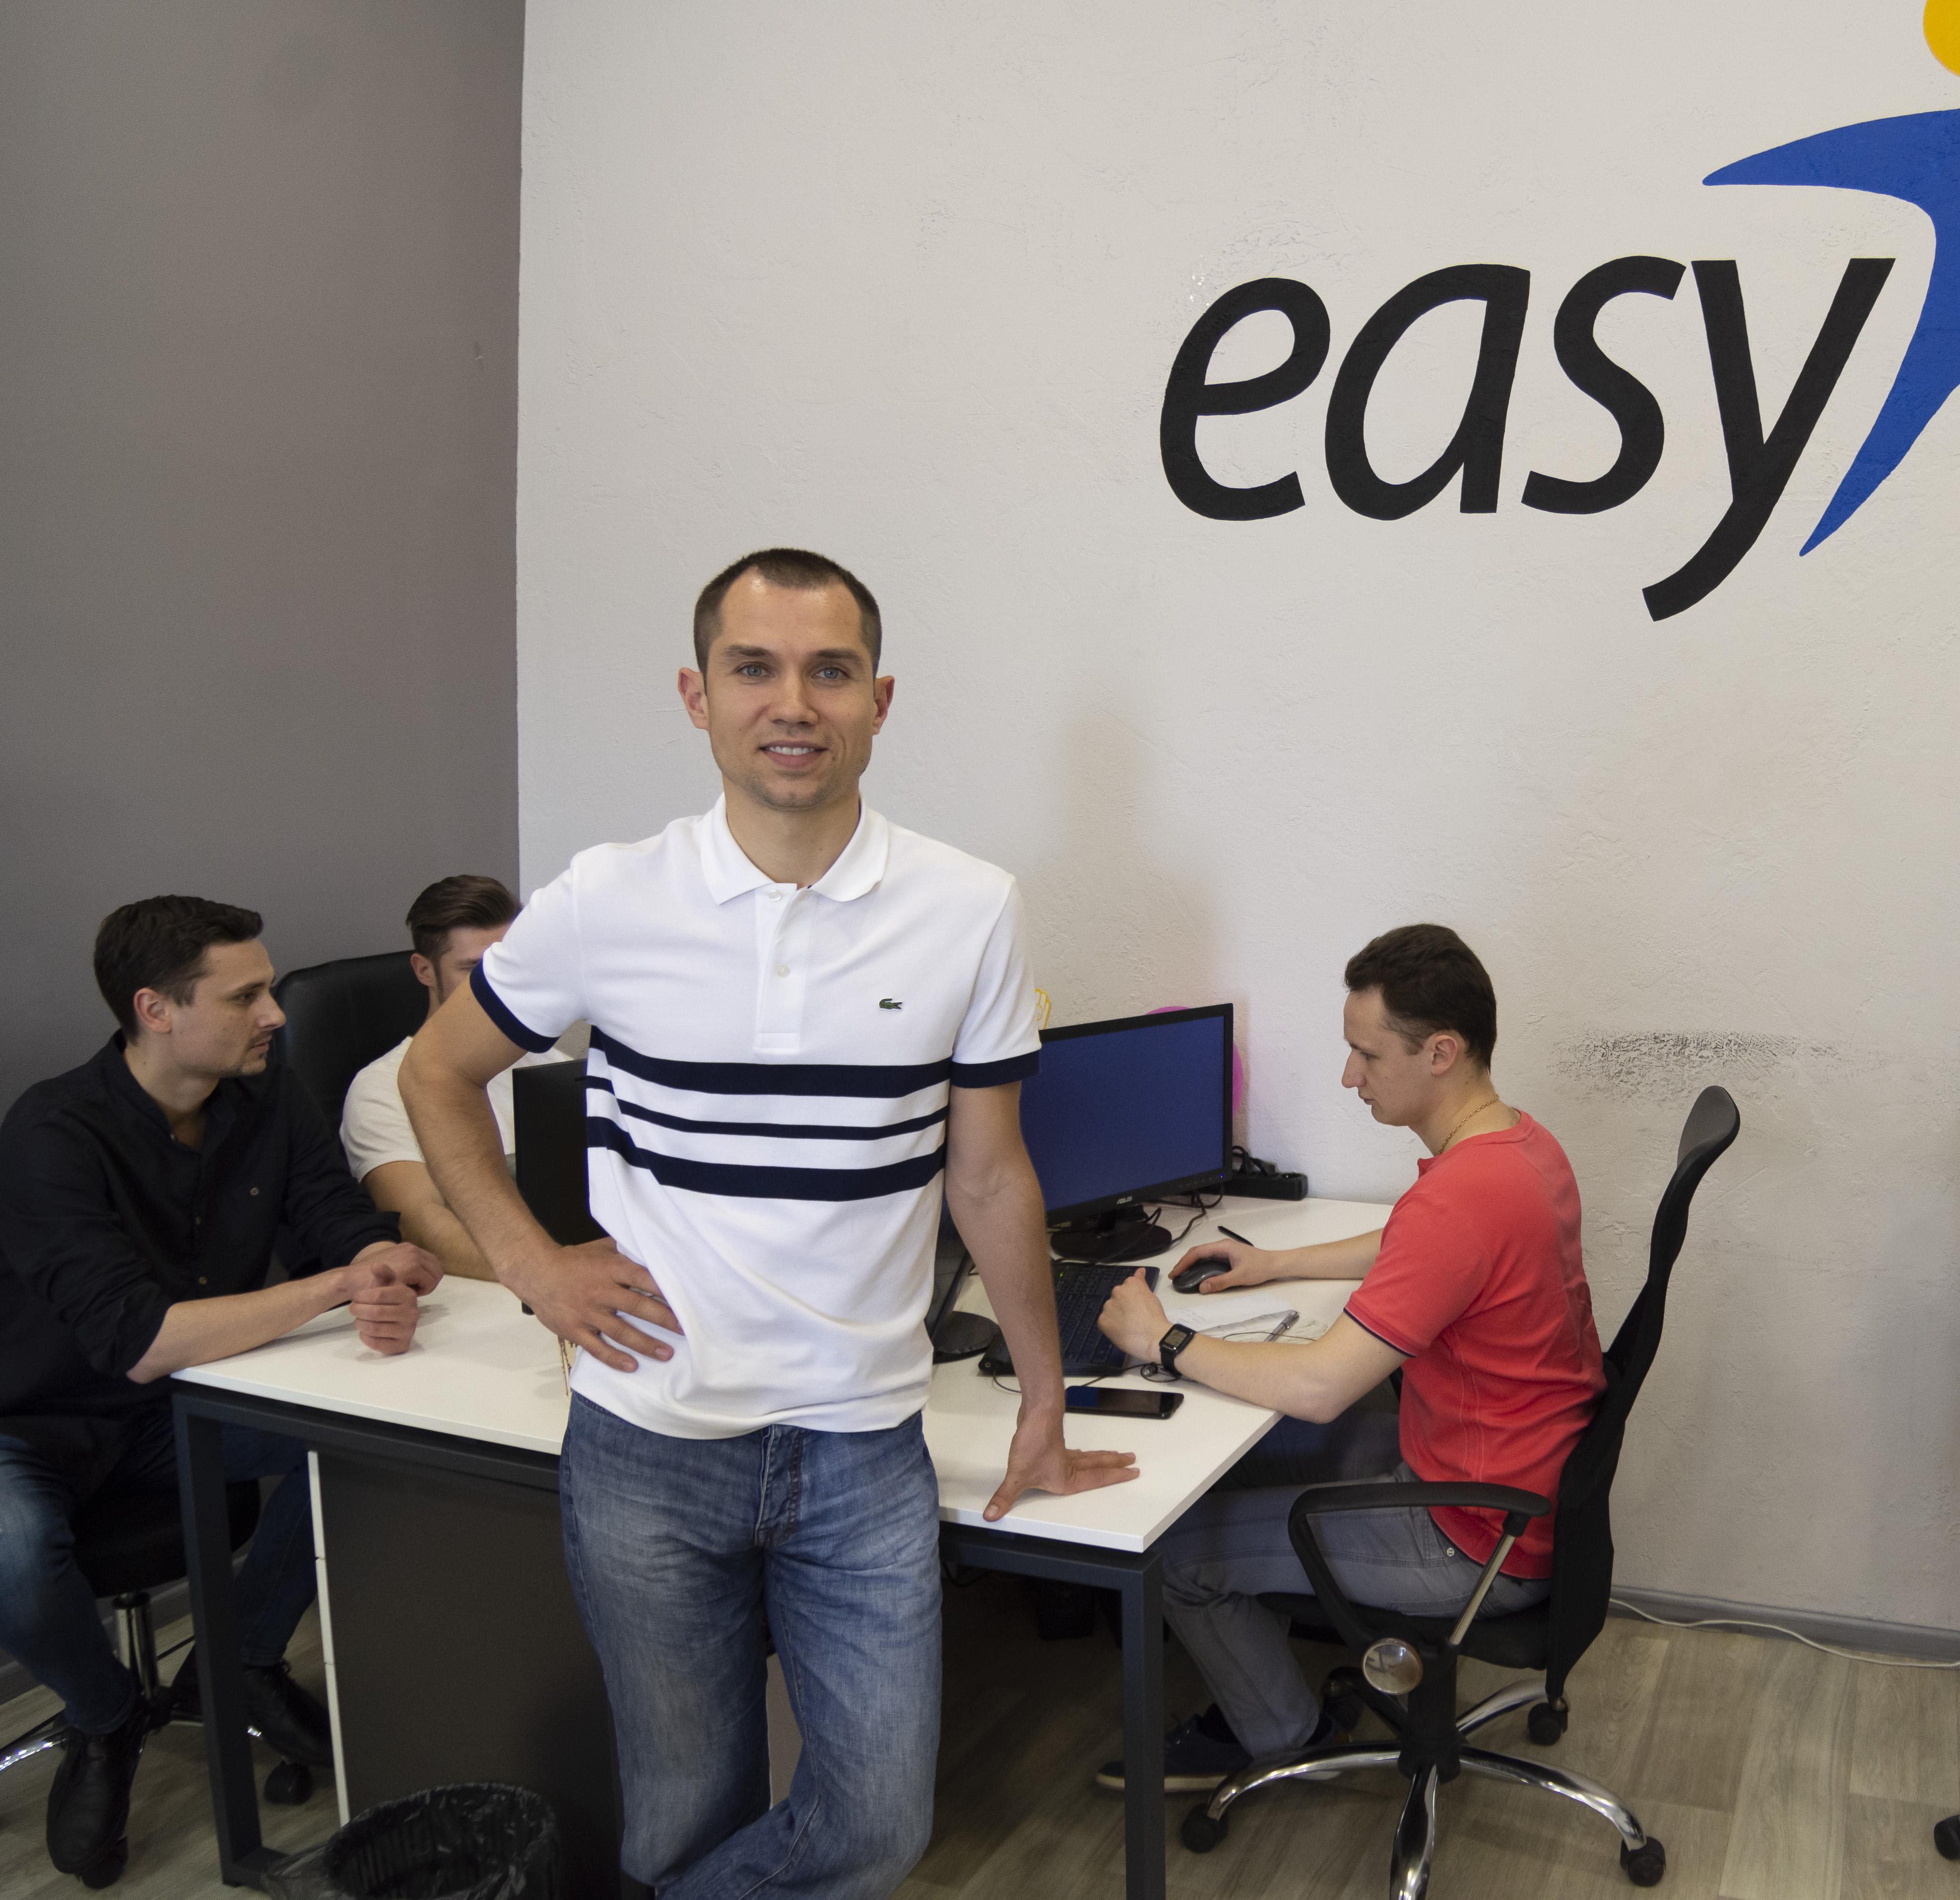 ПОБЕДНЫЙ СЧЕТ: Алексей Авраменко из EasyPay об «Адвокате дьявола», поколении Z и о том, как научить страну пополнять счет по безналу